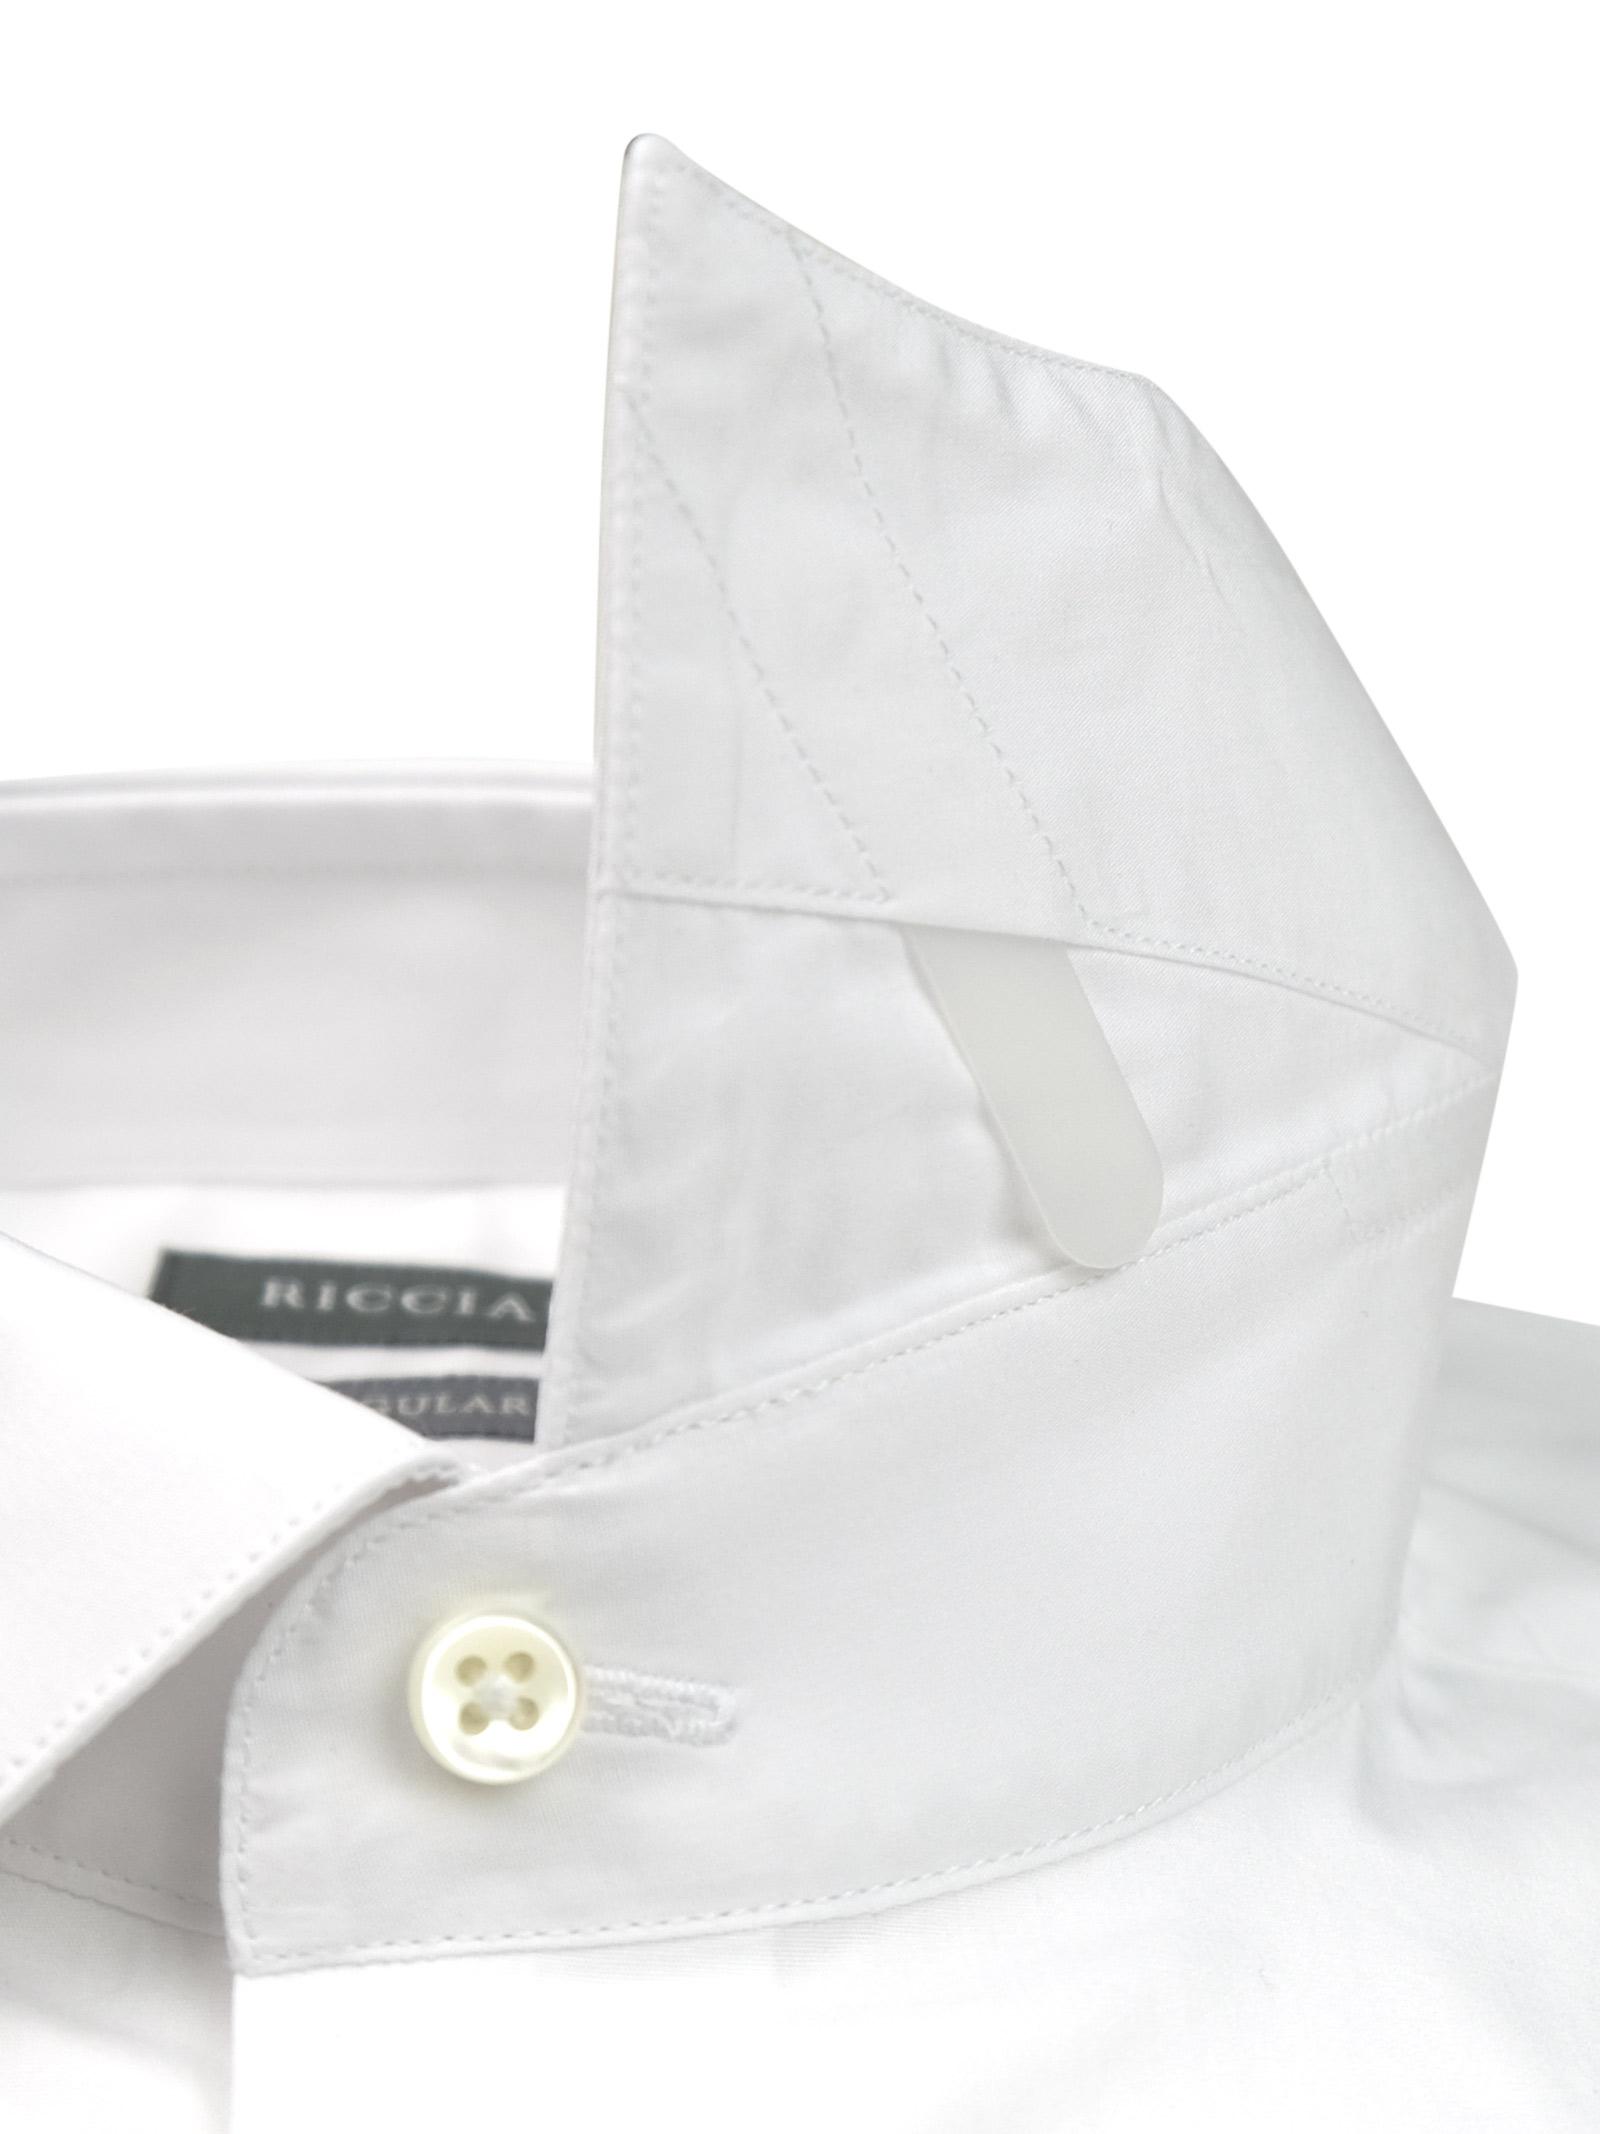 RICCIARDI | Shirts | AREDR051